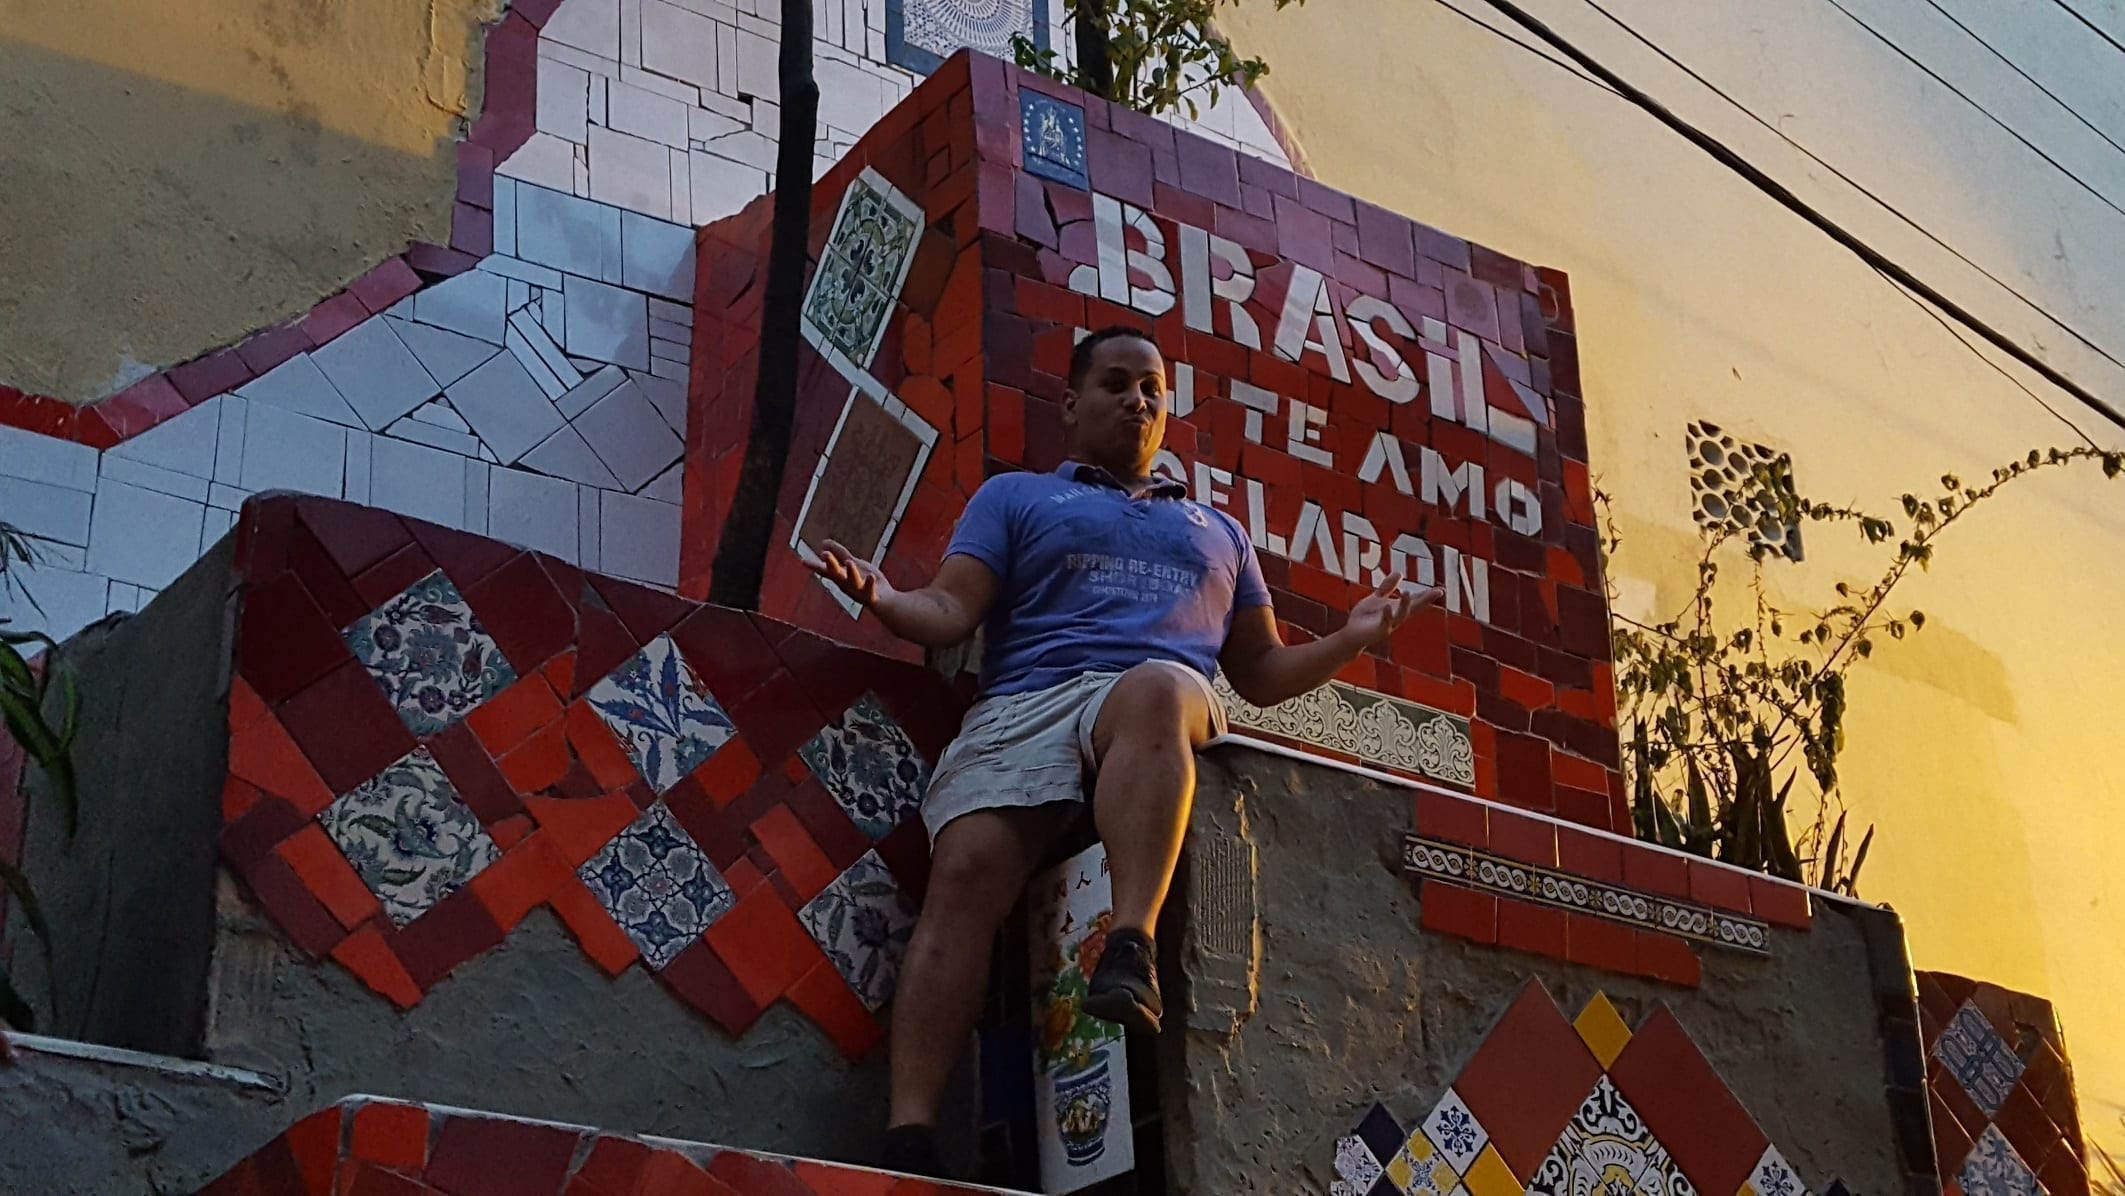 Picture at Escadaria Selarón (Selarón Steps) in Rio de Janeiro. Brasil Eu te Amo Selarón!